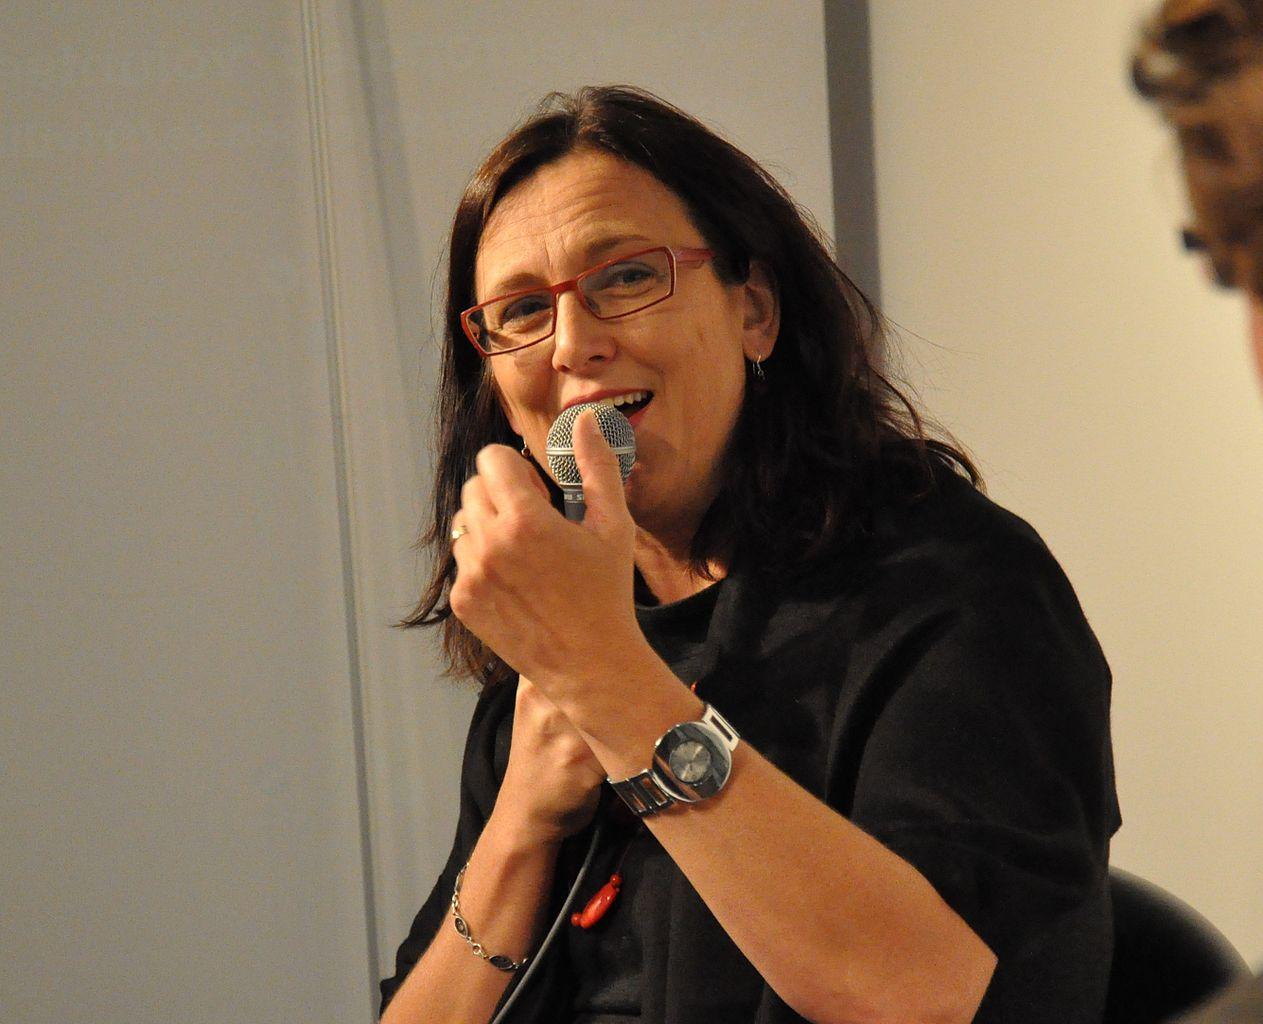 Interview with Cecilia Malmström